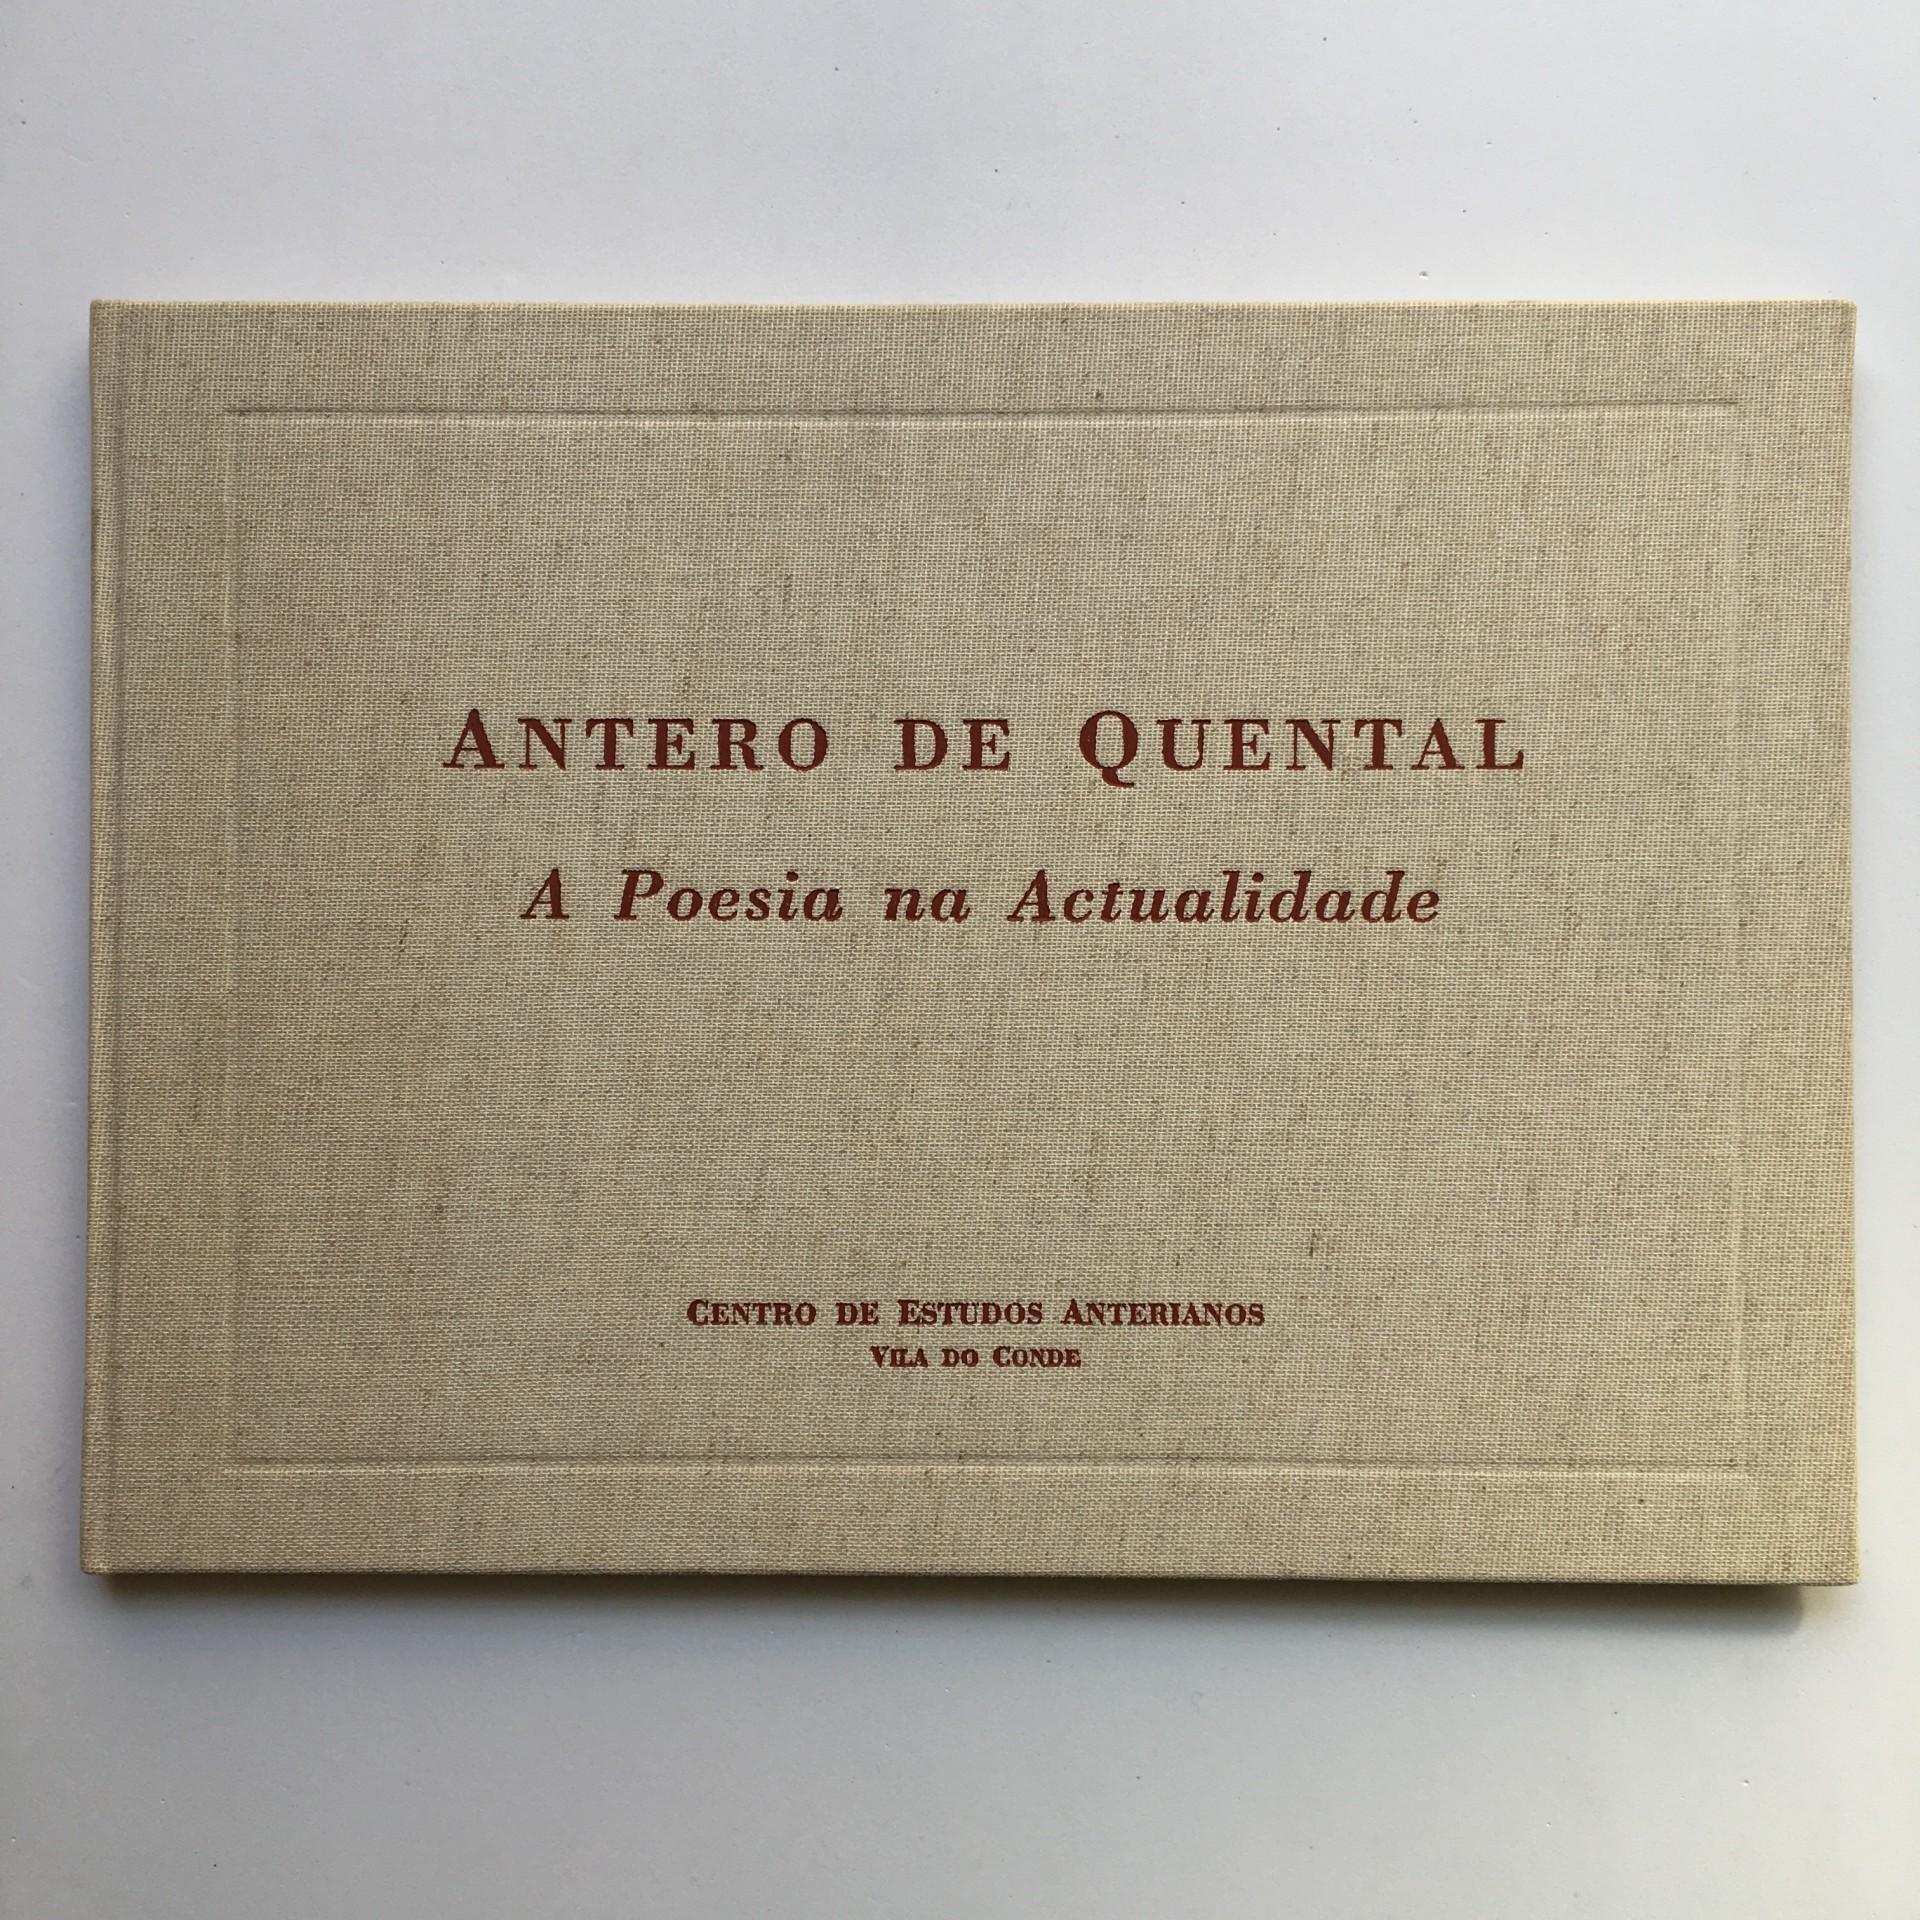 Antero de Quental: a poesia na actualidade